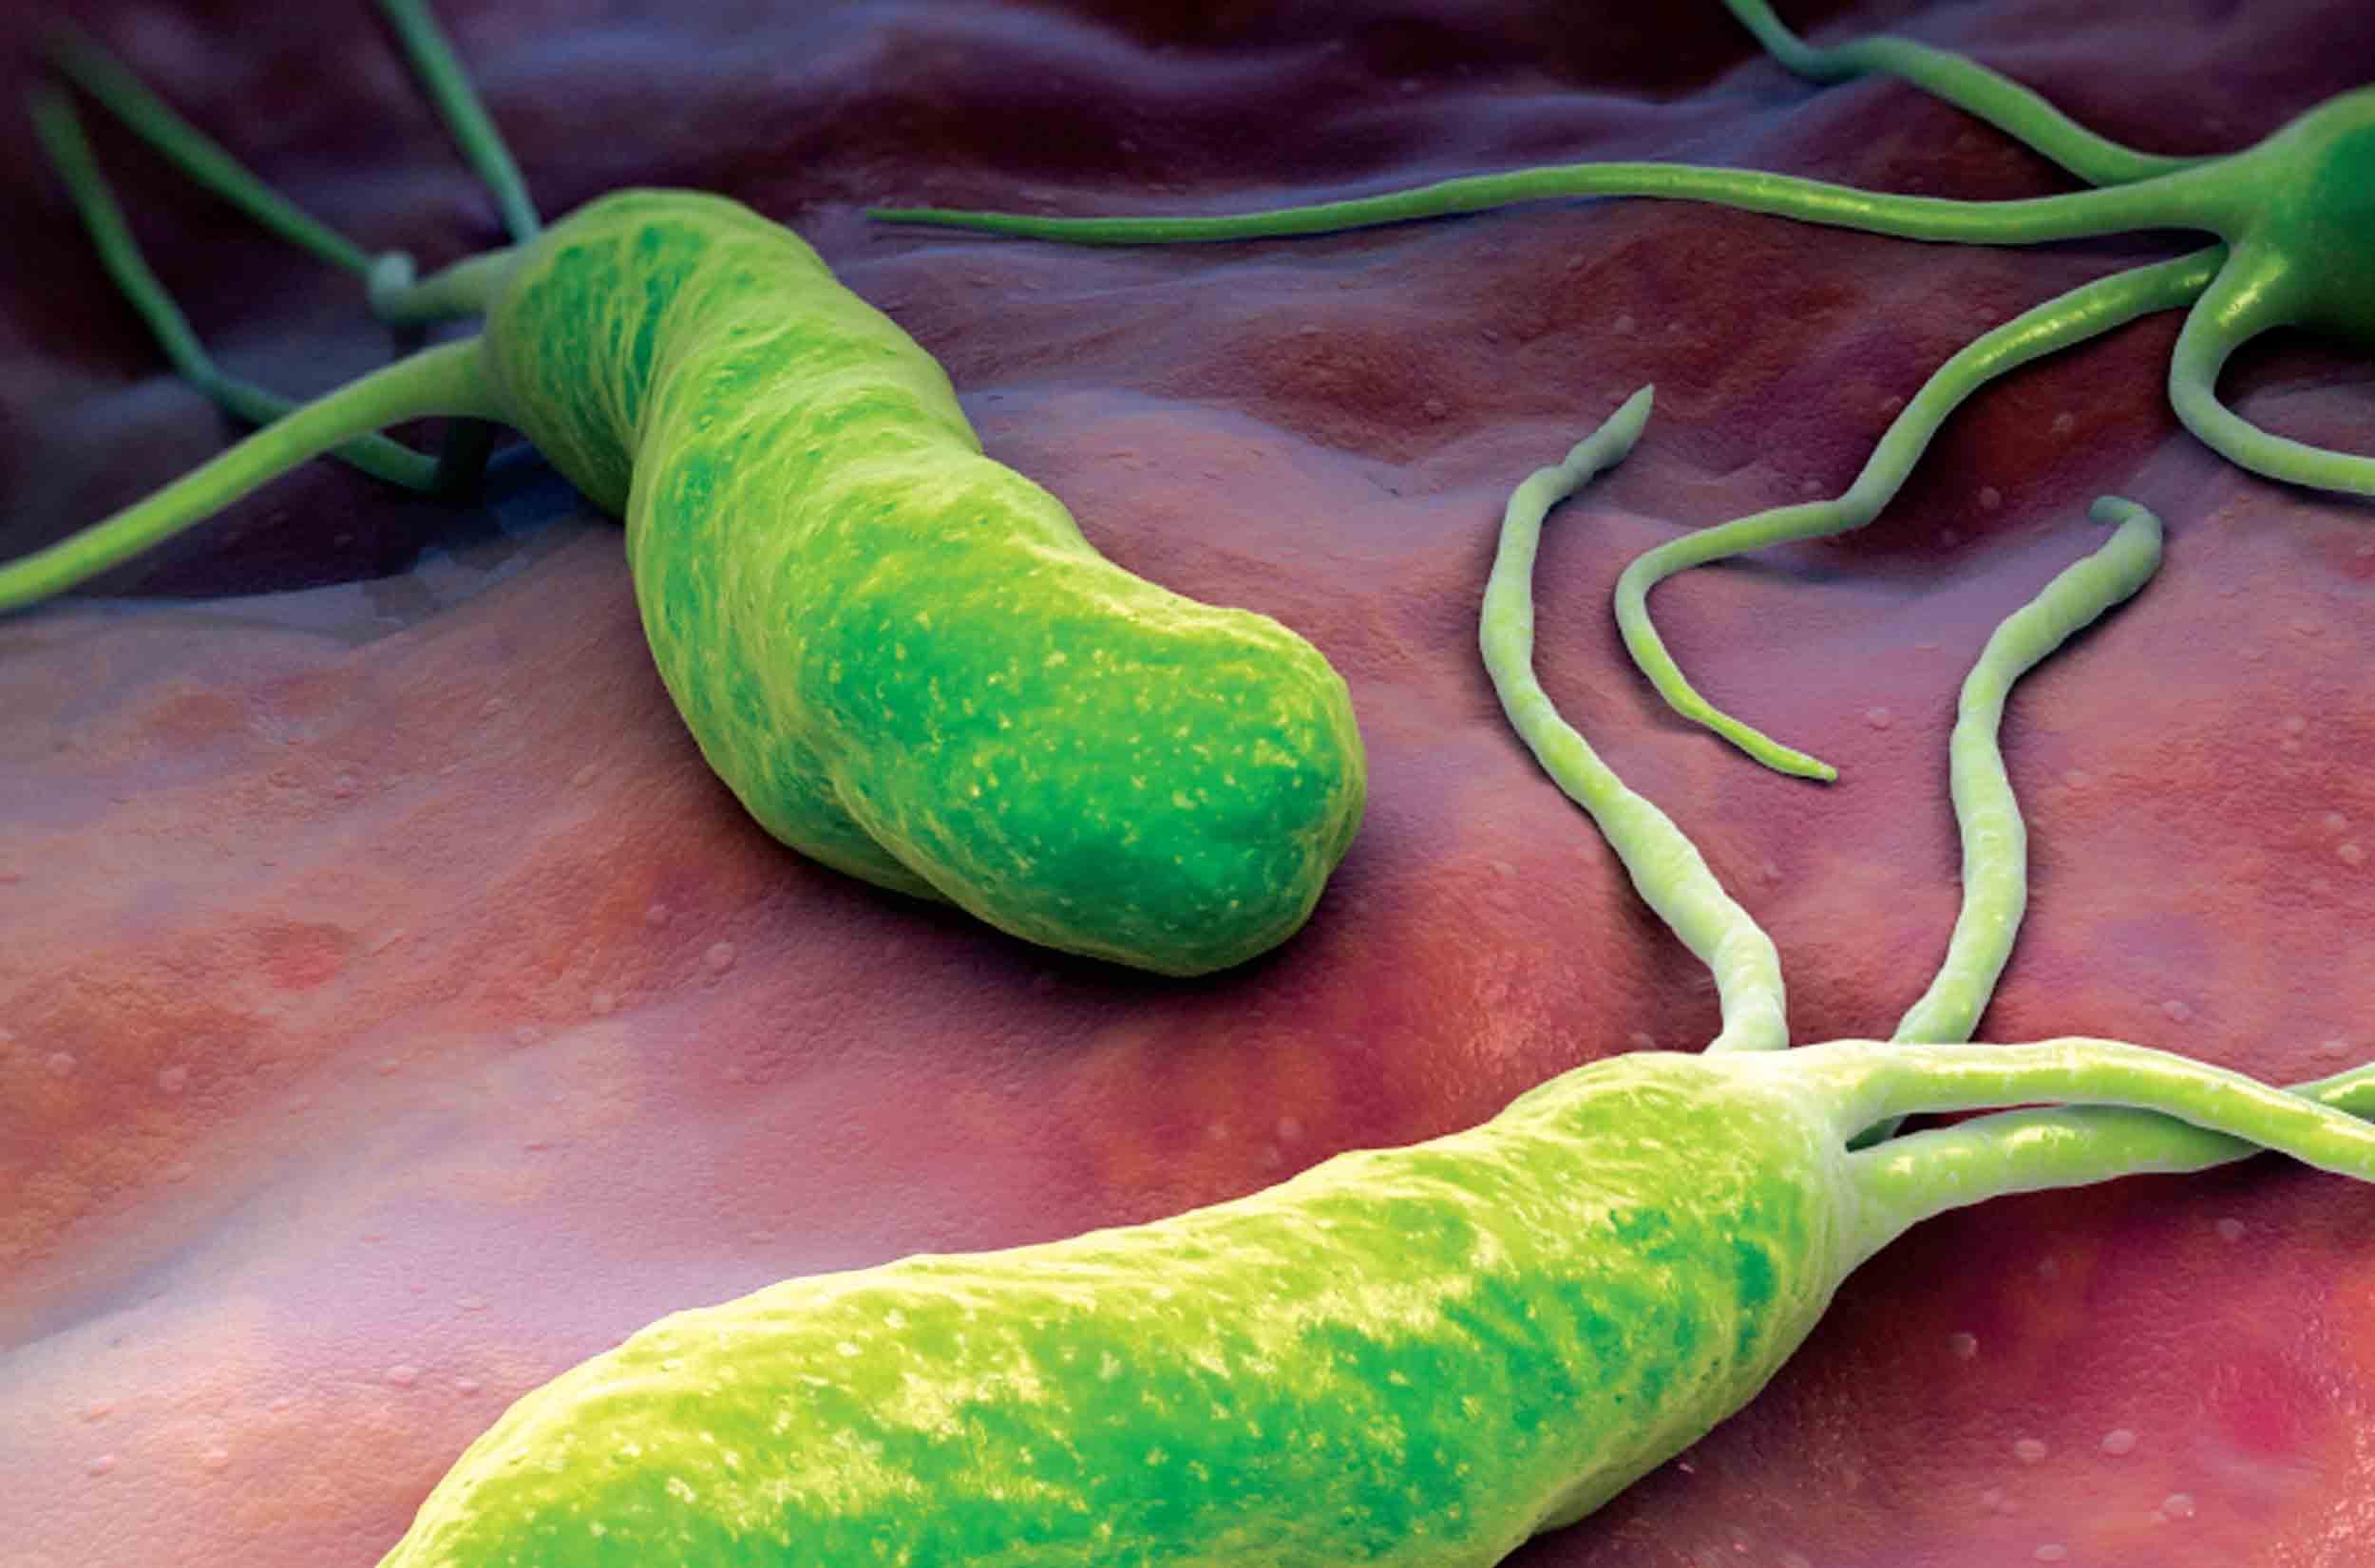 Бактерия хеликобактер пилори:симптомы и лечение